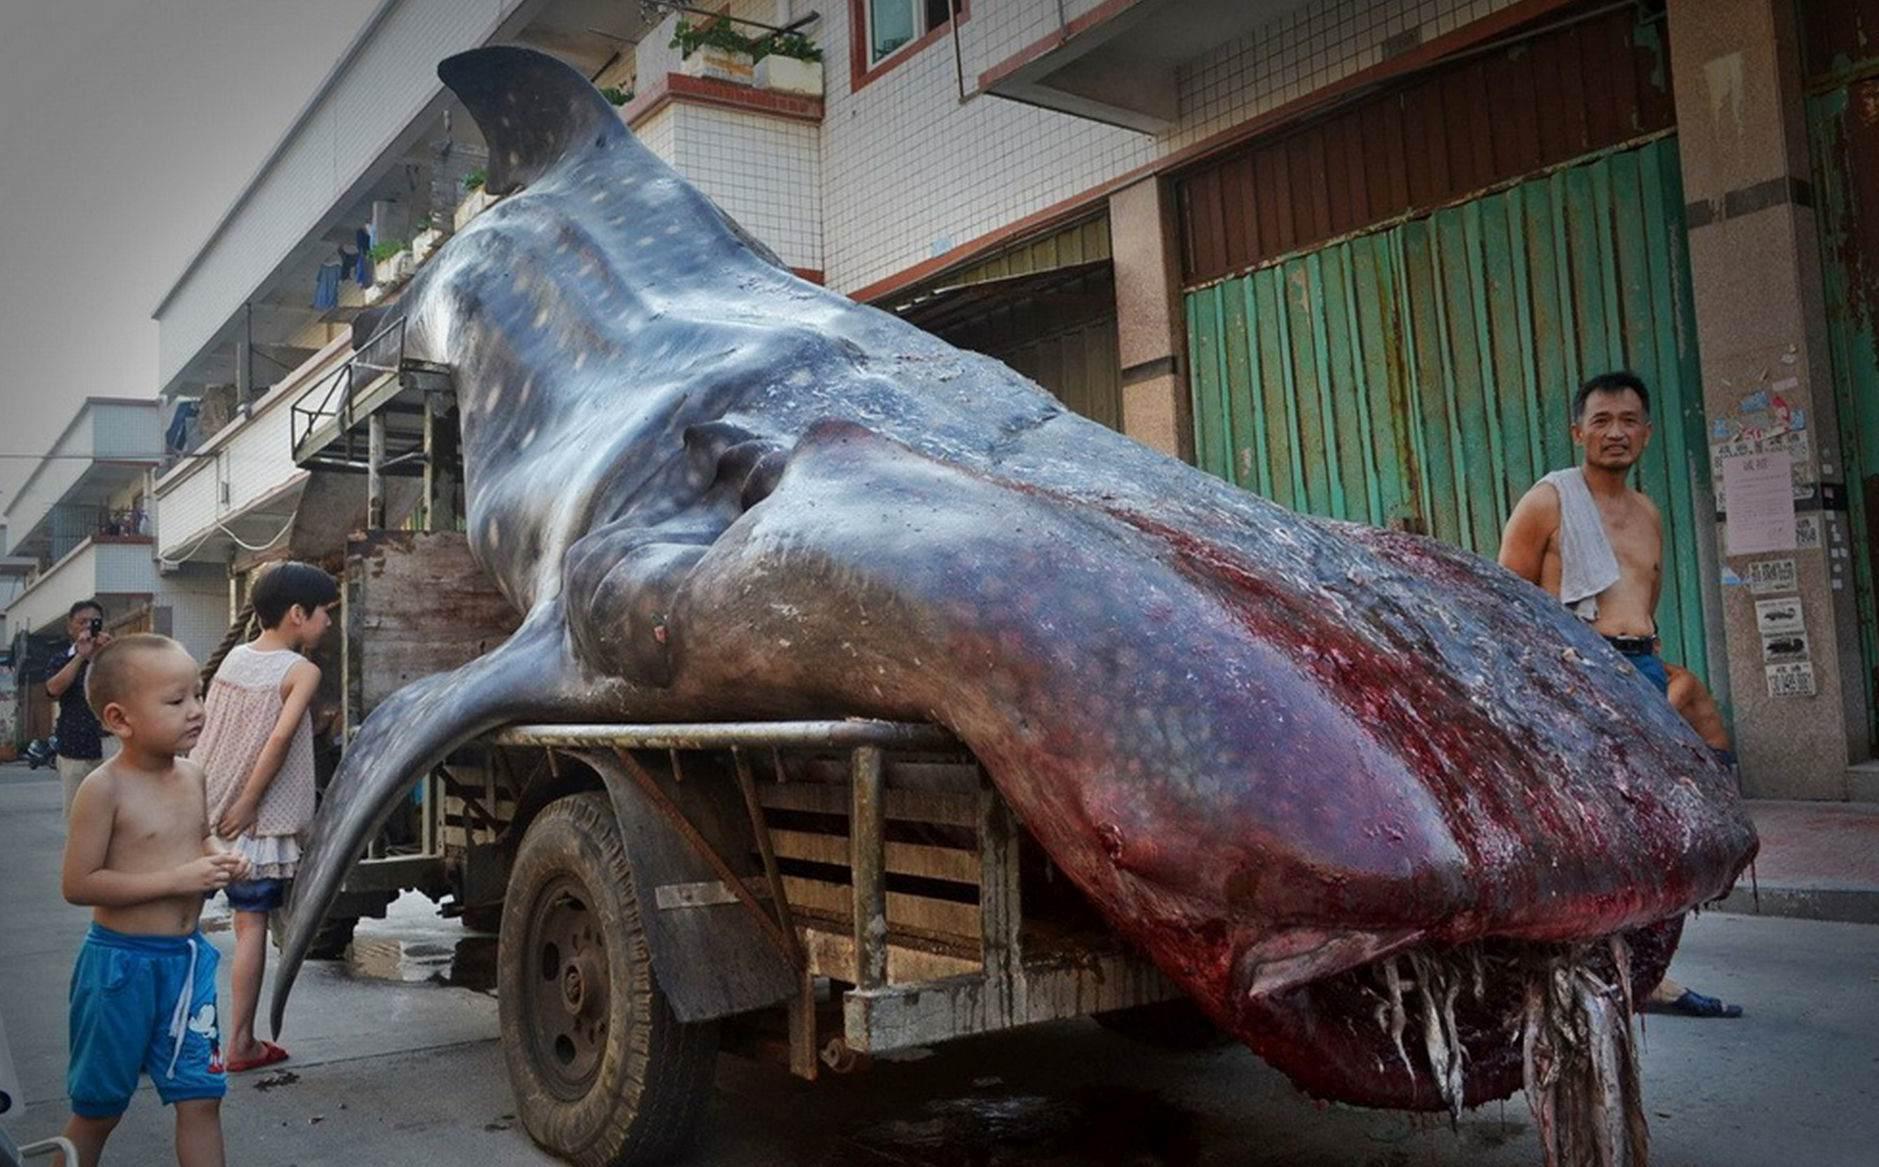 PAY-Whale-Shark